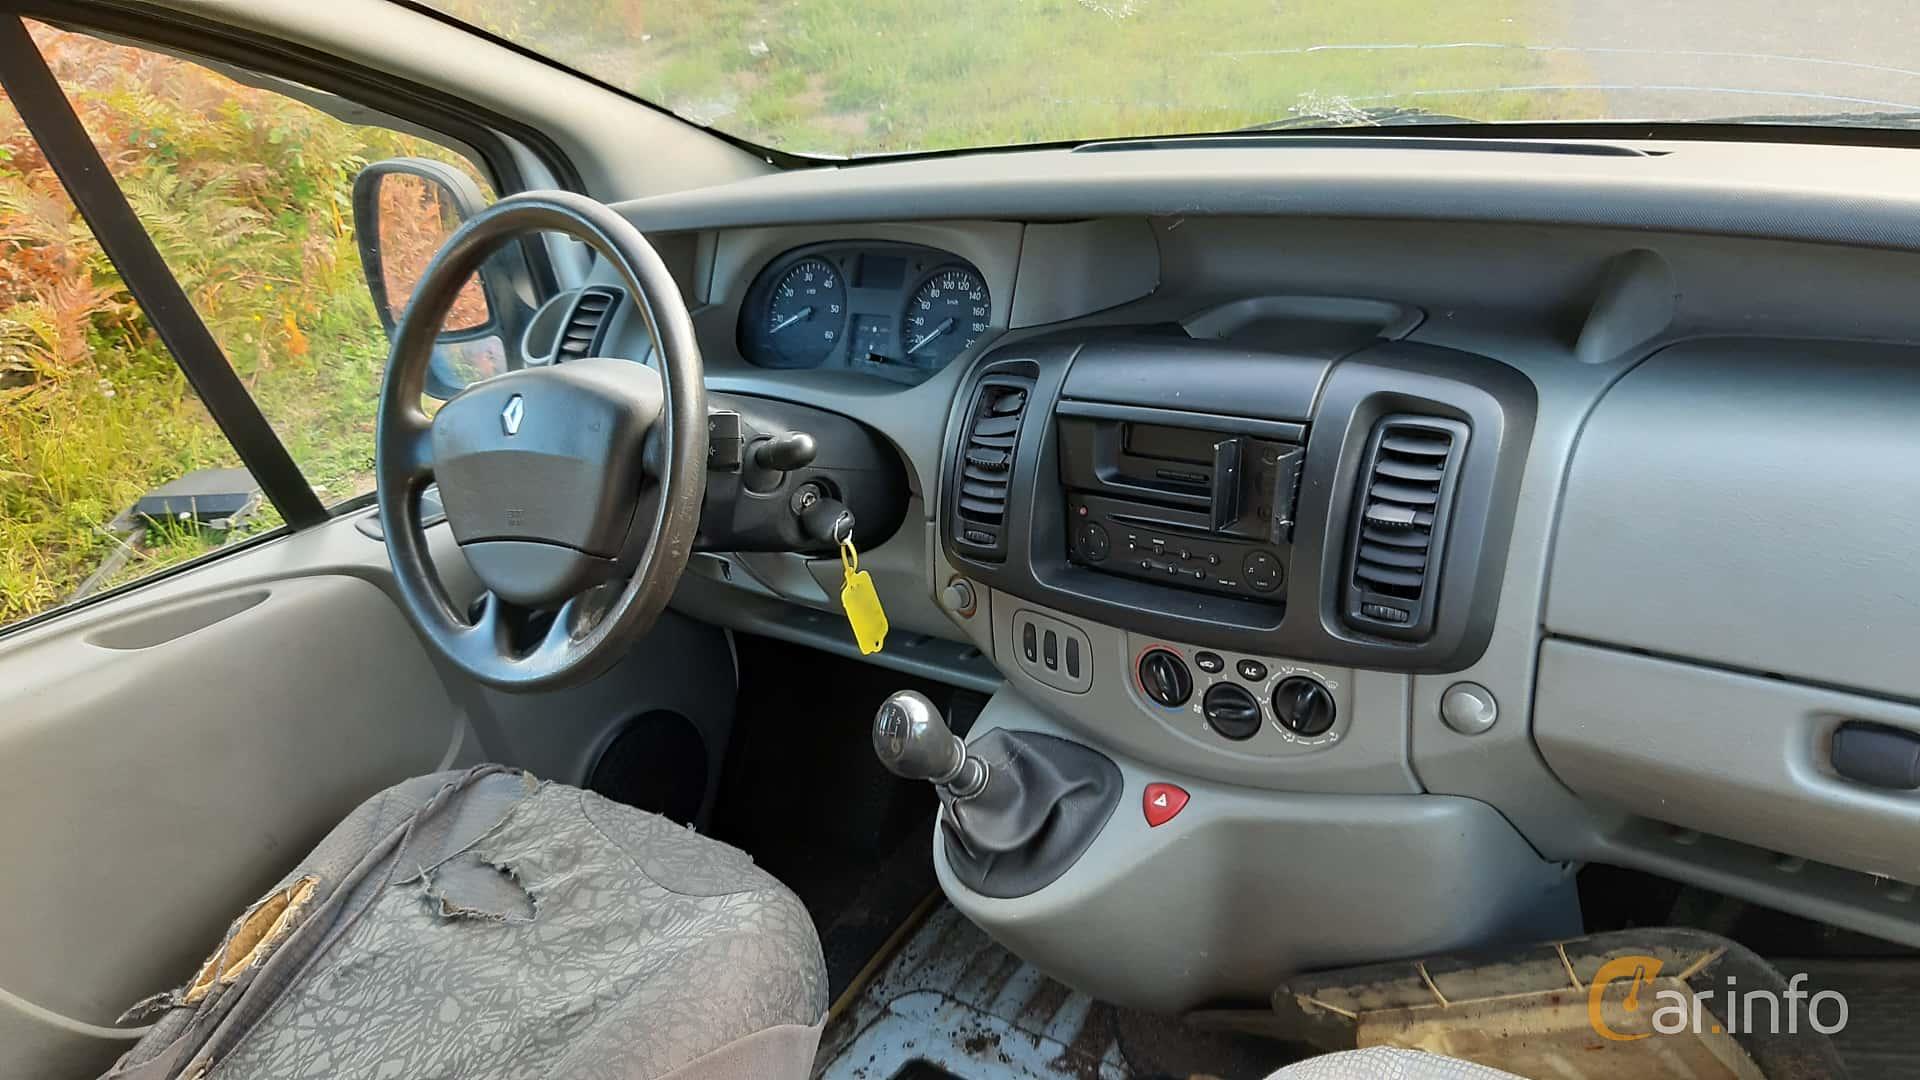 Renault Trafic Van 1.9 dCi Manual, 101hp, 2005